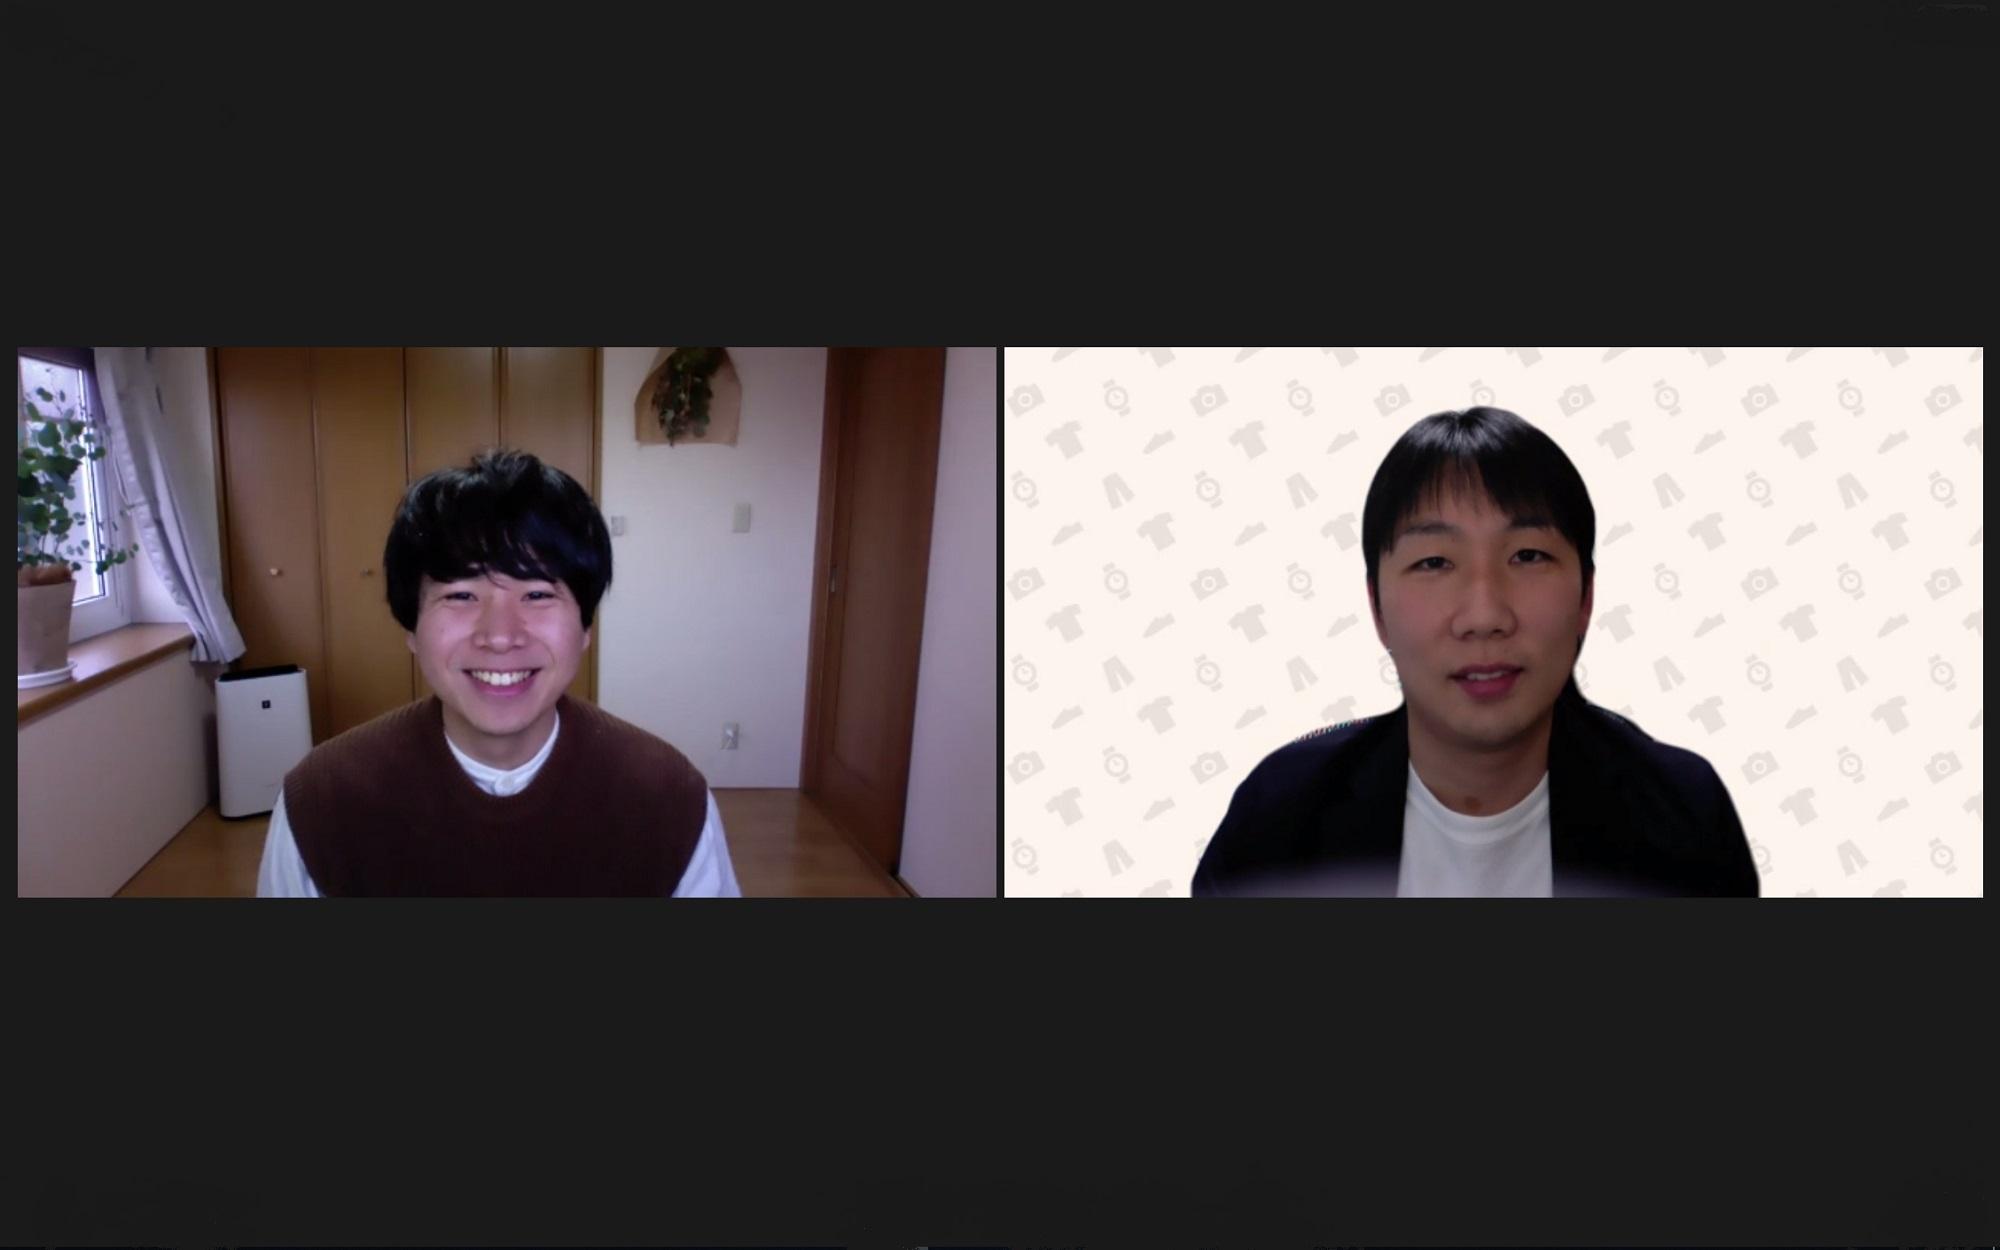 インタビュイー2名がオンライン会議システムを使用し、対談を行っている様子の写真